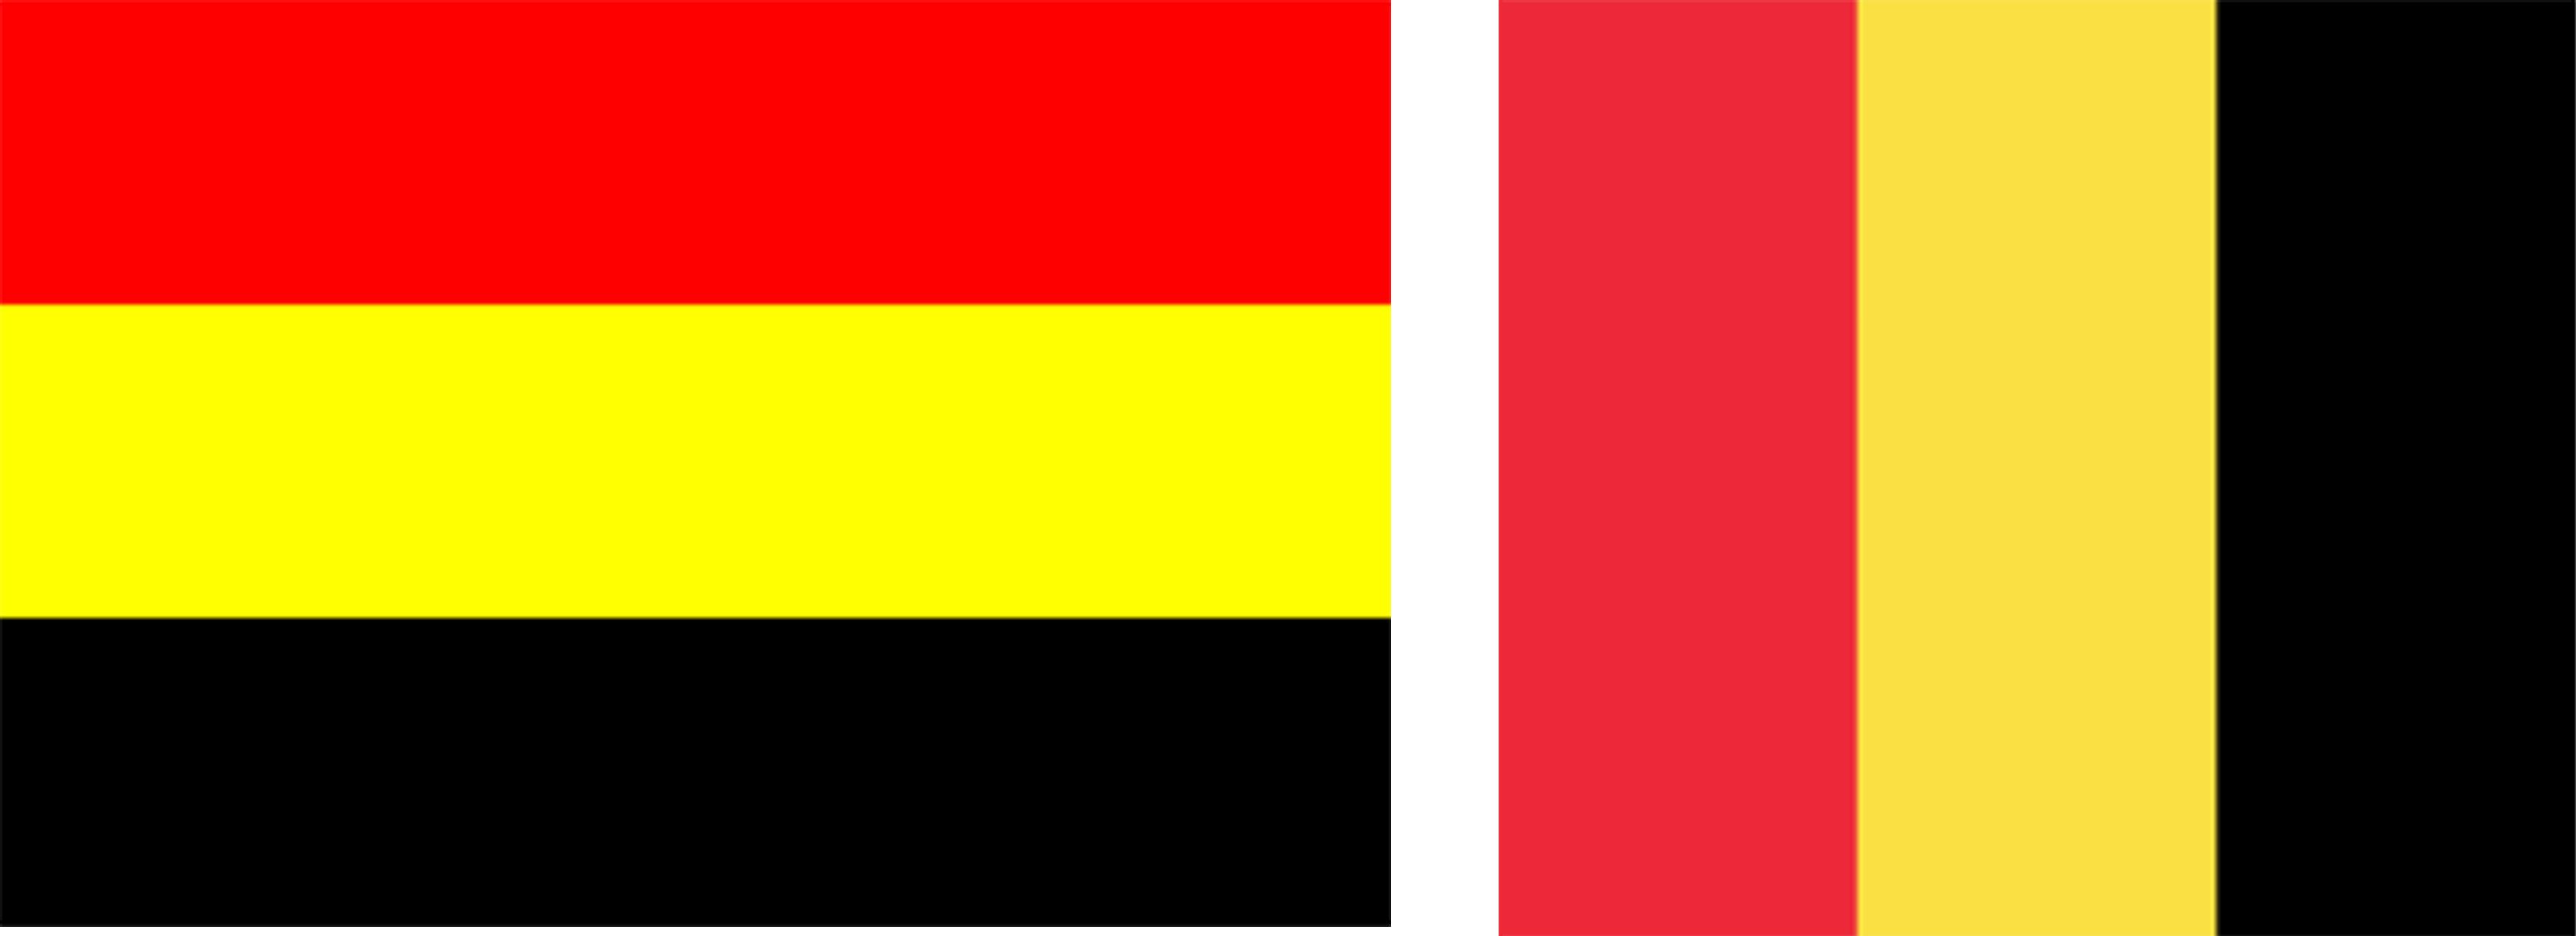 belgie eerste vlaggen